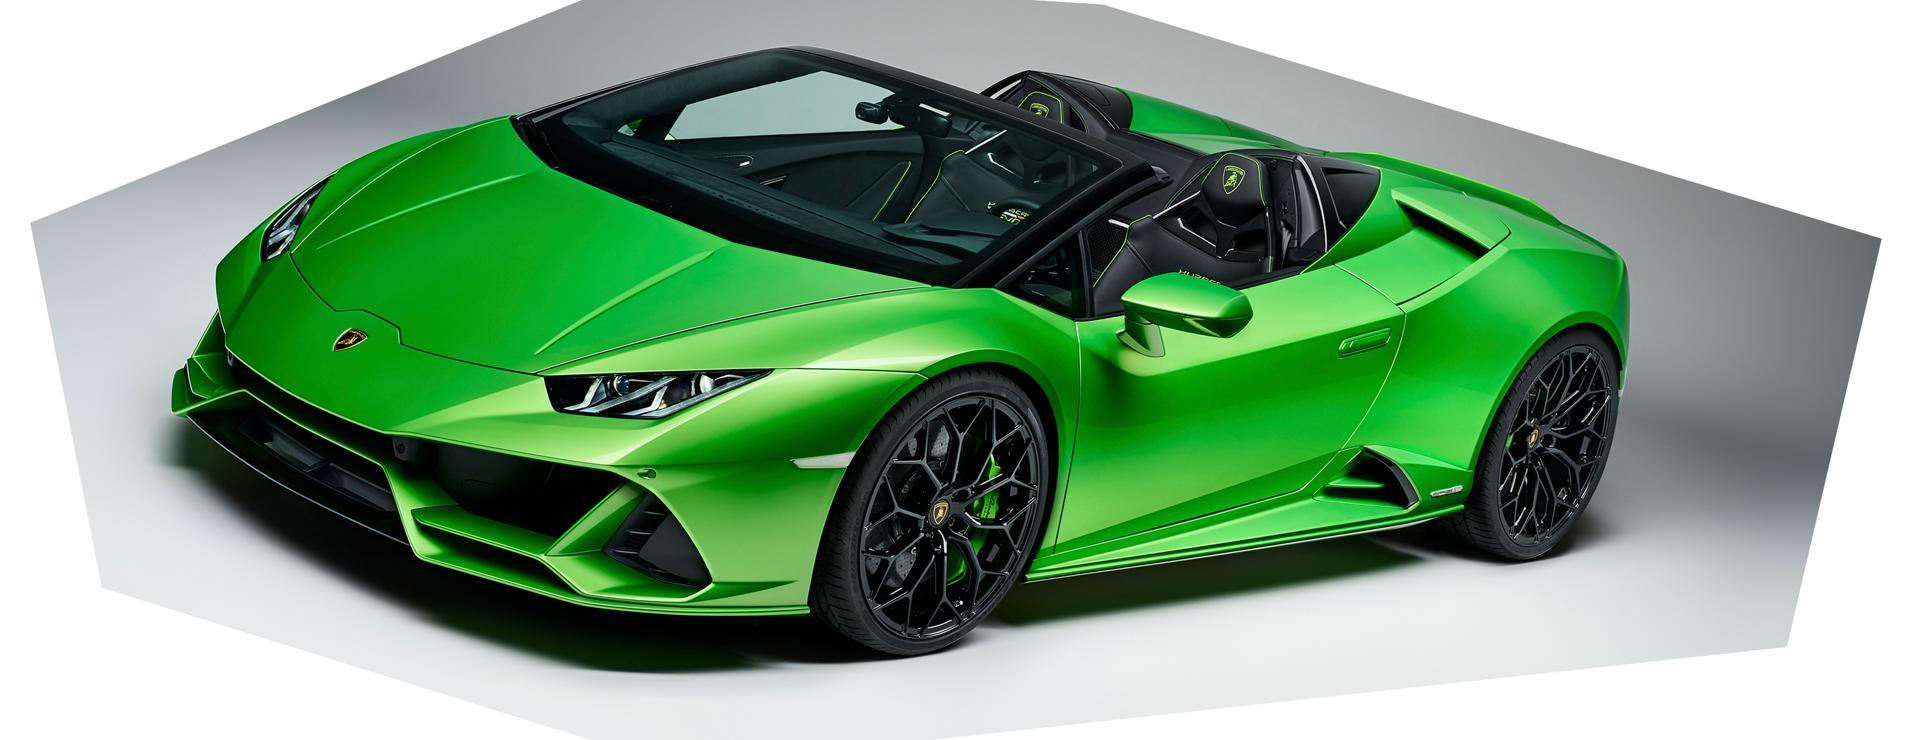 Lamborghini-green